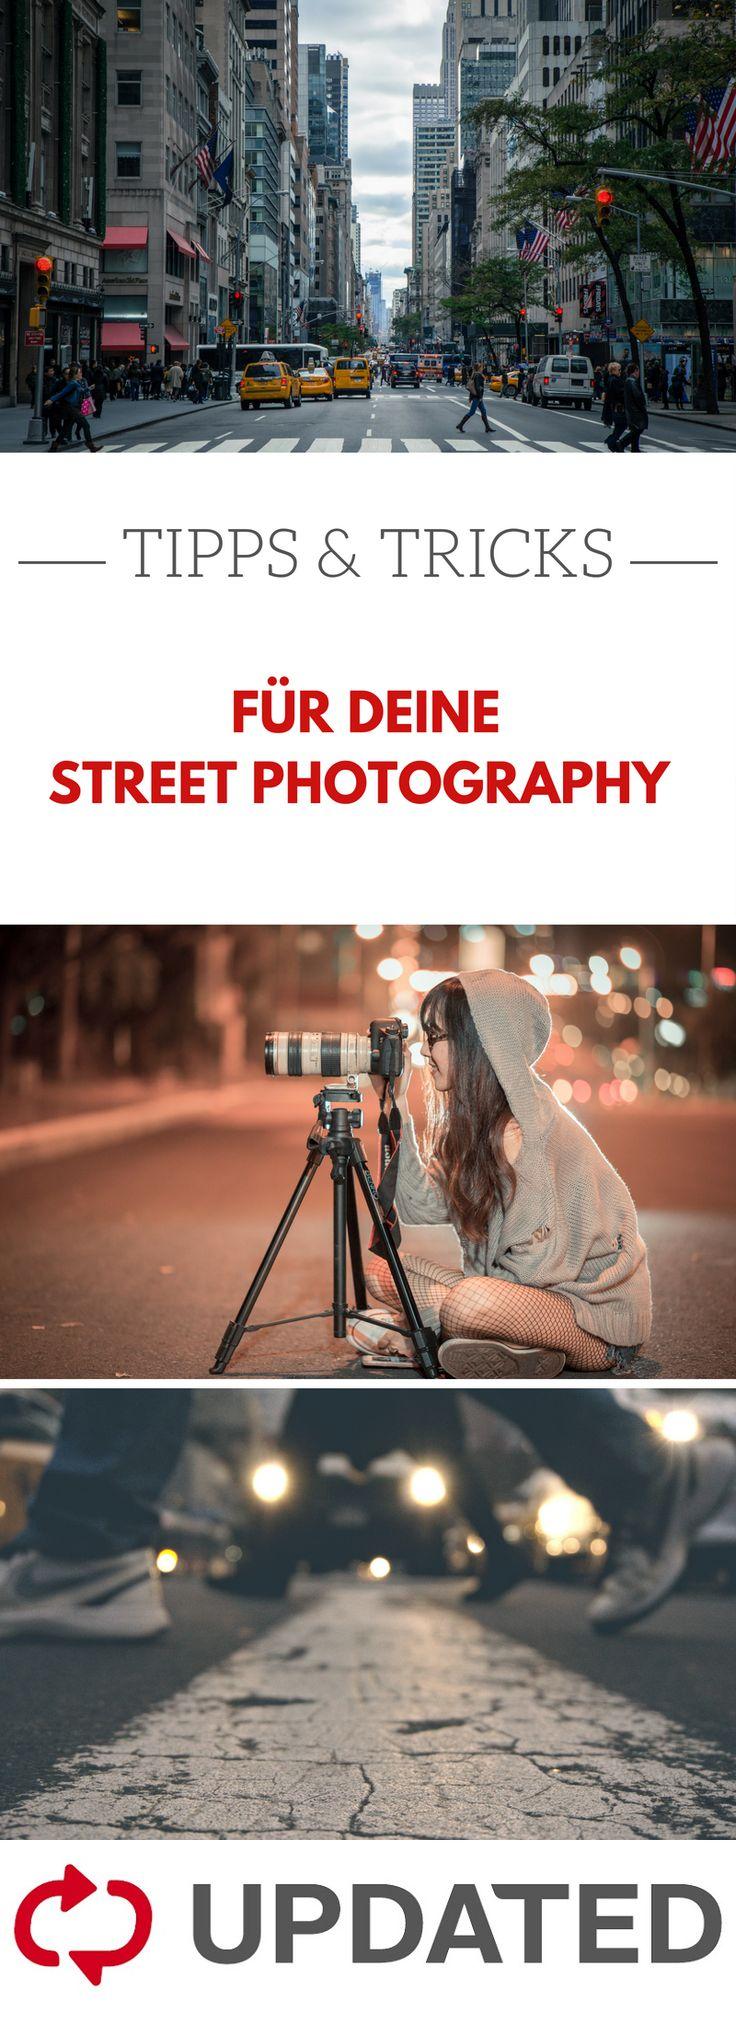 Du willst coole Bilder aus deinem Alltag schießen, aber deine Kamera fängt nicht das ein, was du siehst? UPDATED gibt dir Tipps, wie du schöne Stre…